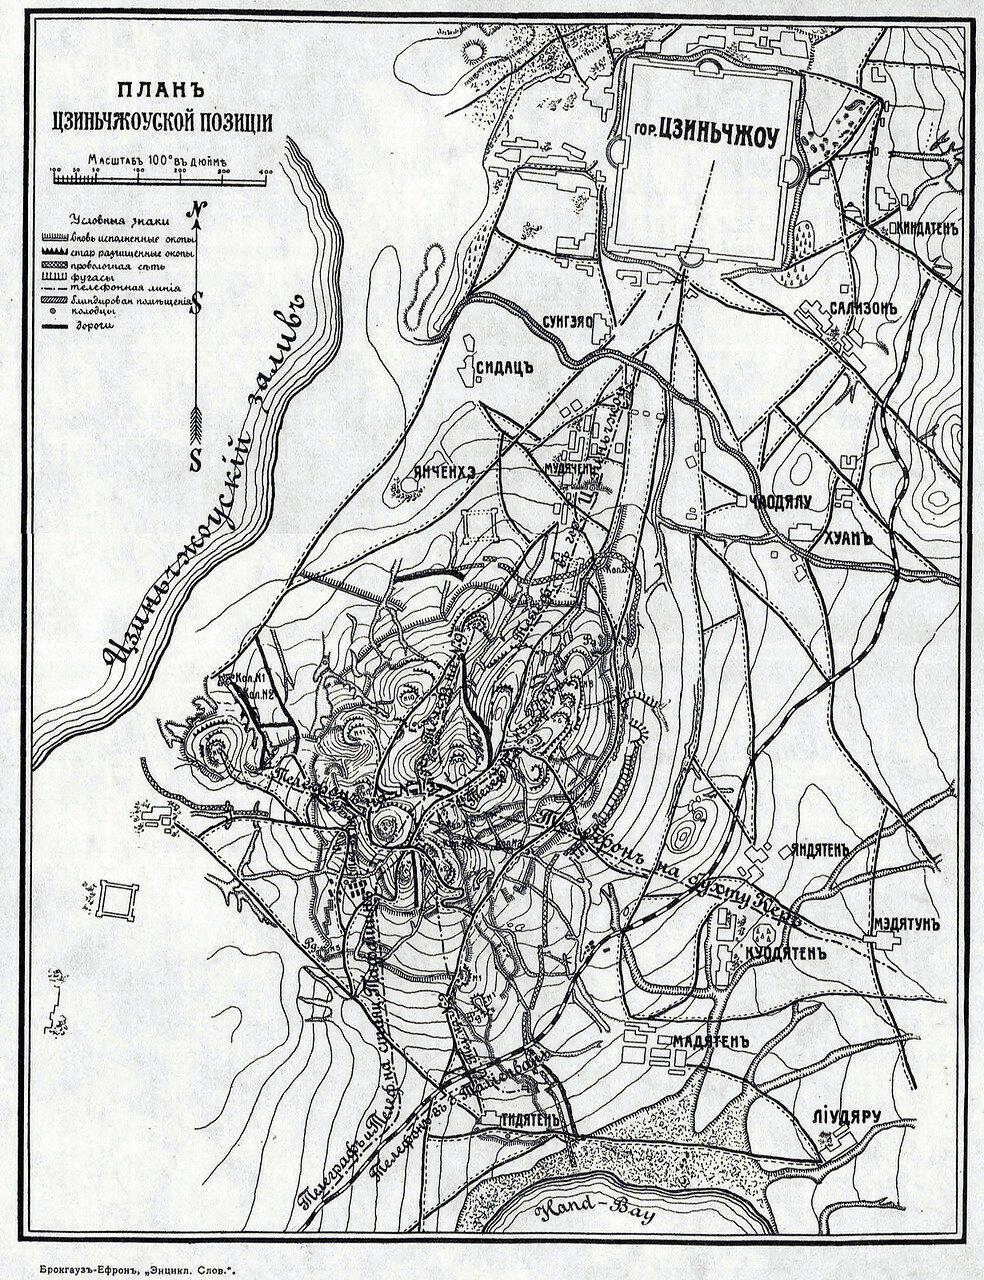 Порт-Артур (цзиньчжоуская позиция) (1904)